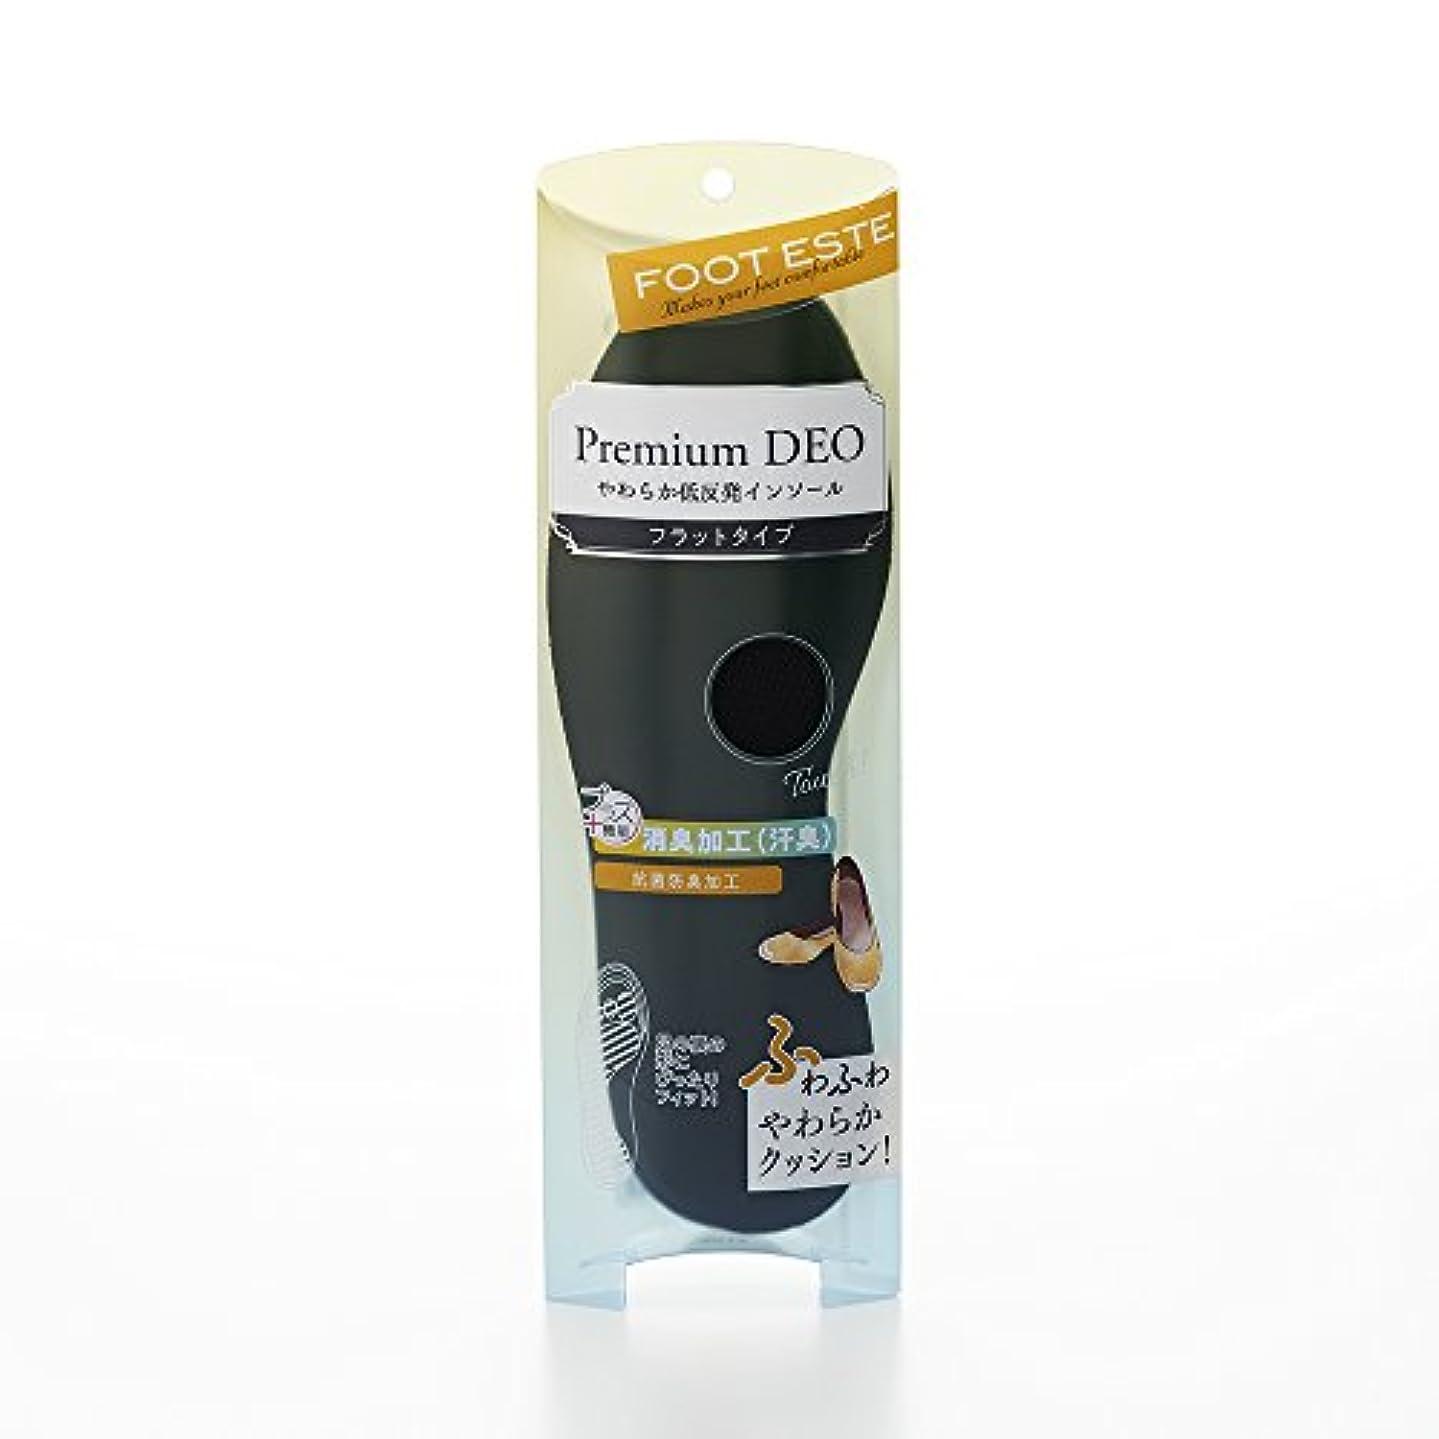 解き明かす仮装顕微鏡フットエステ Premium DEO プレミアムデオ やわらか低反発インソール フラットタイプ 【消臭 抗菌防臭】